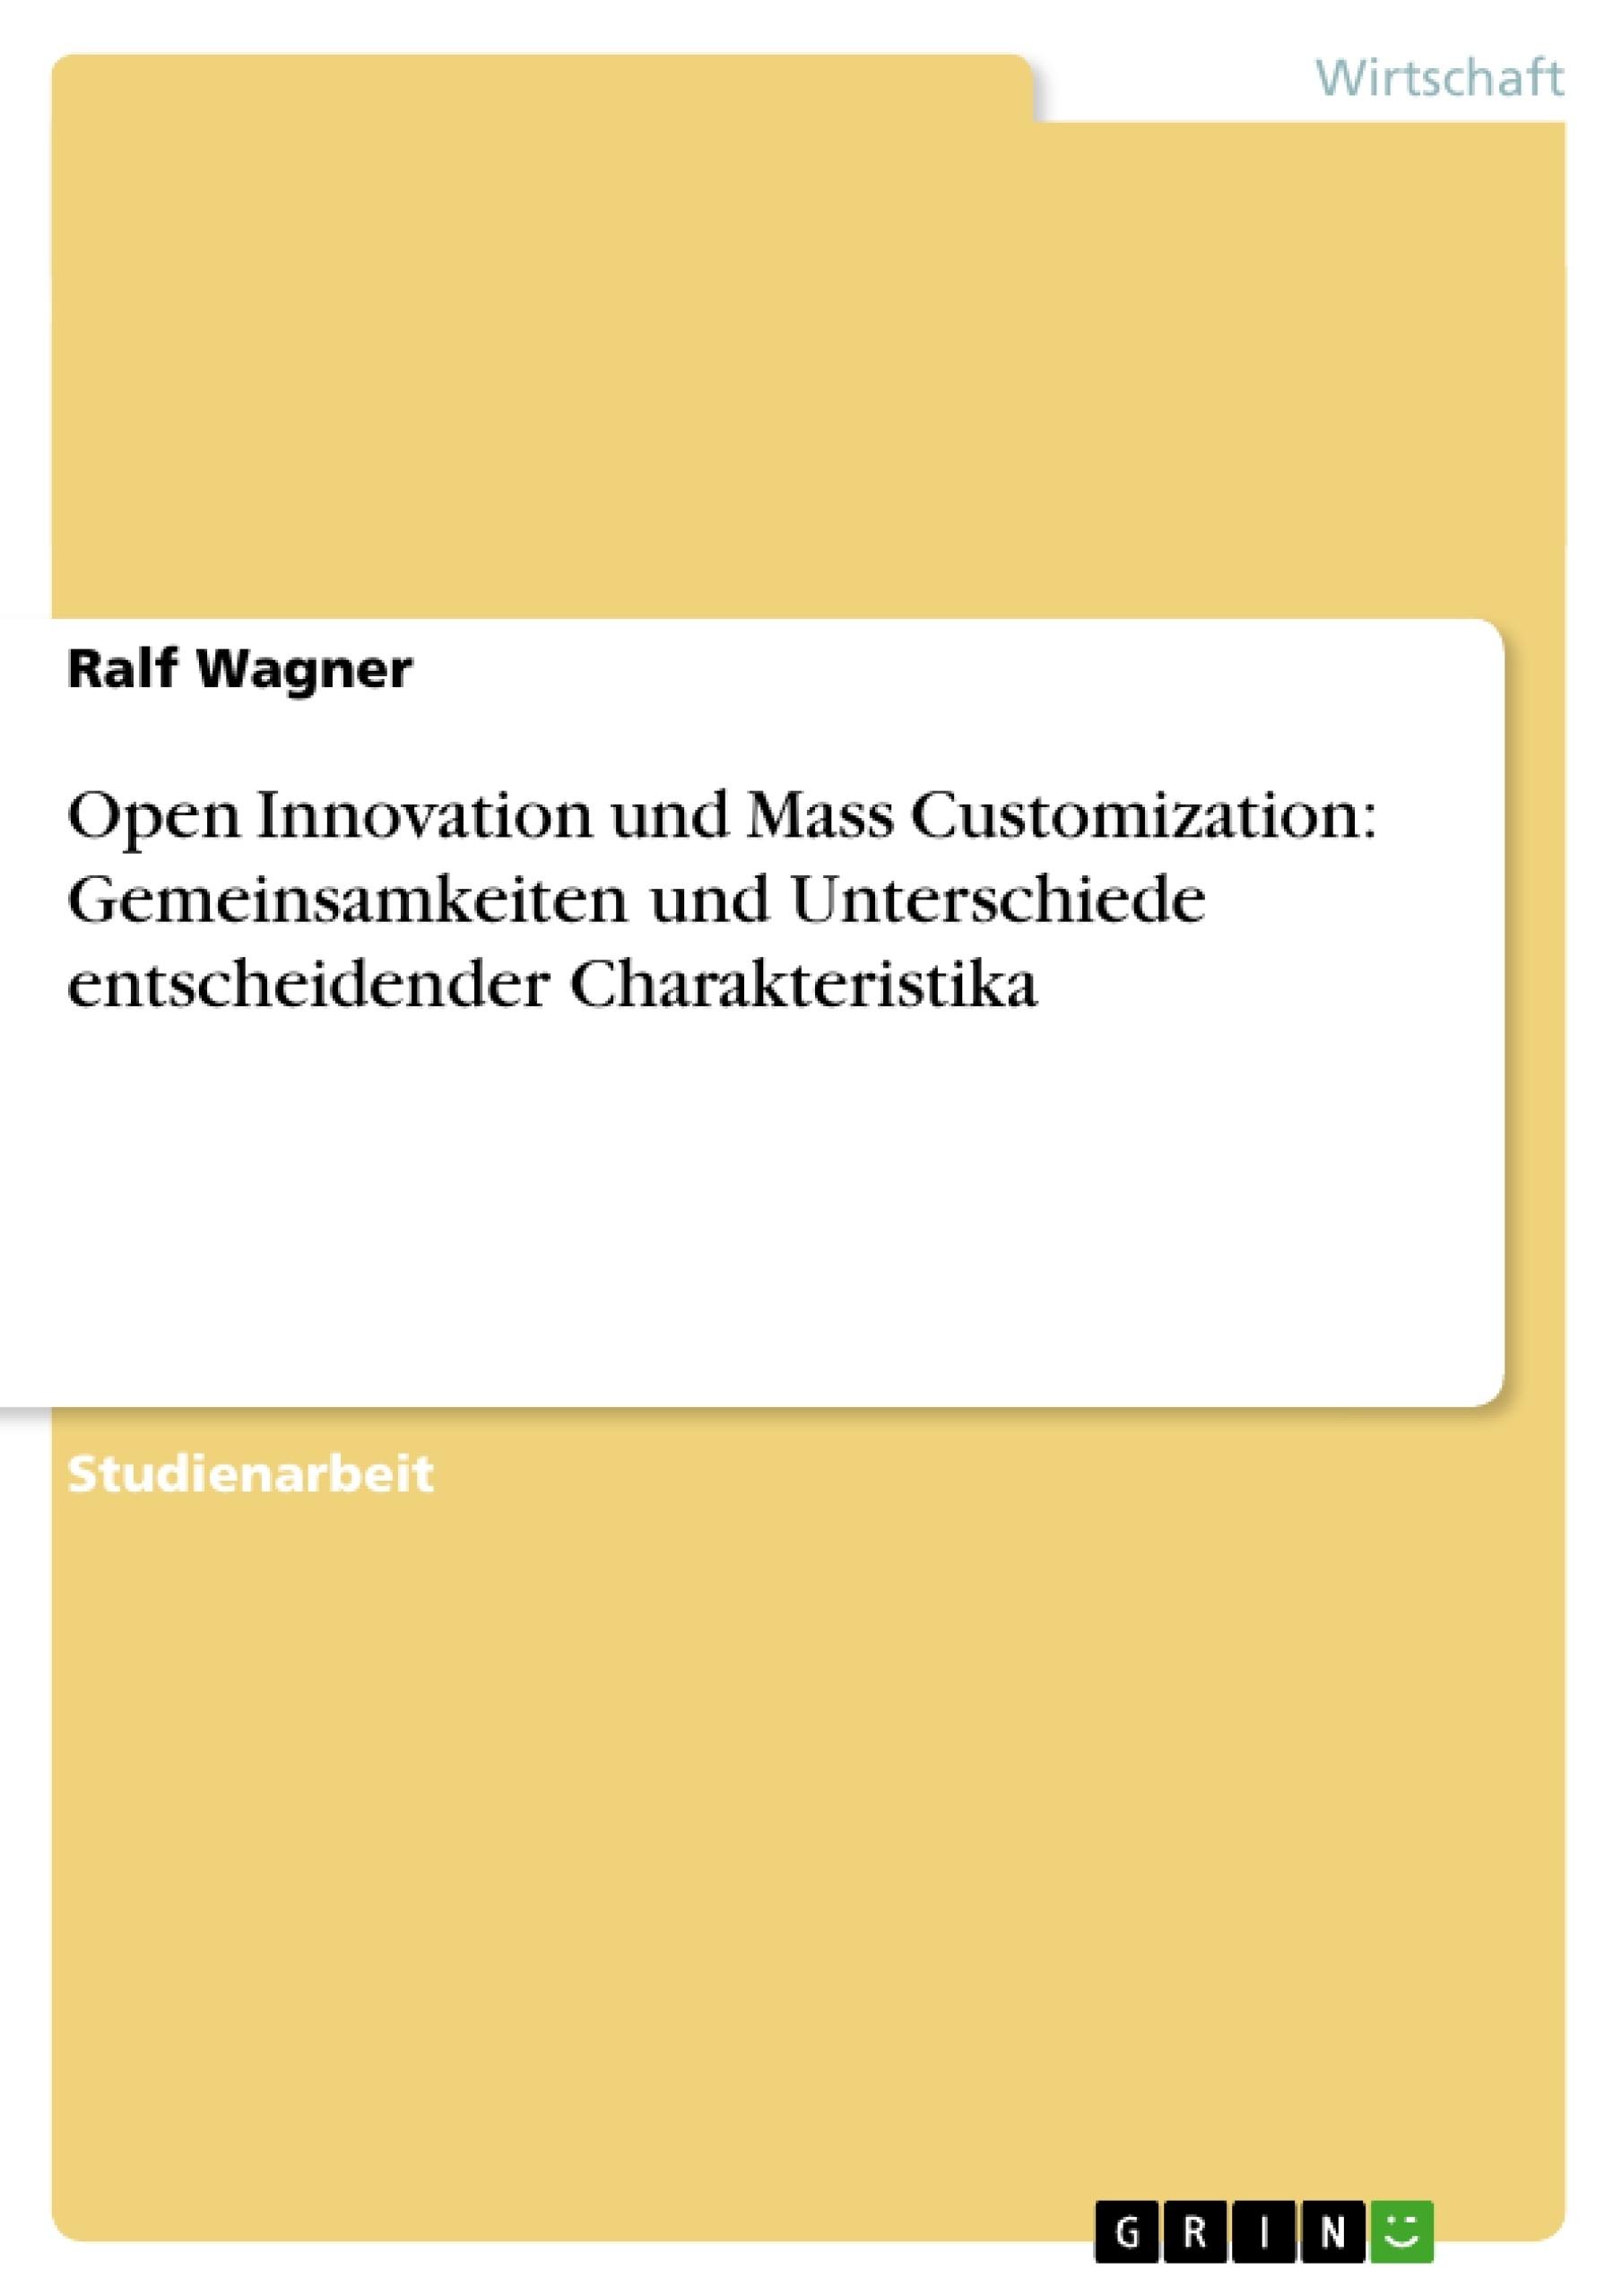 Titel: Open Innovation und Mass Customization: Gemeinsamkeiten und Unterschiede entscheidender Charakteristika